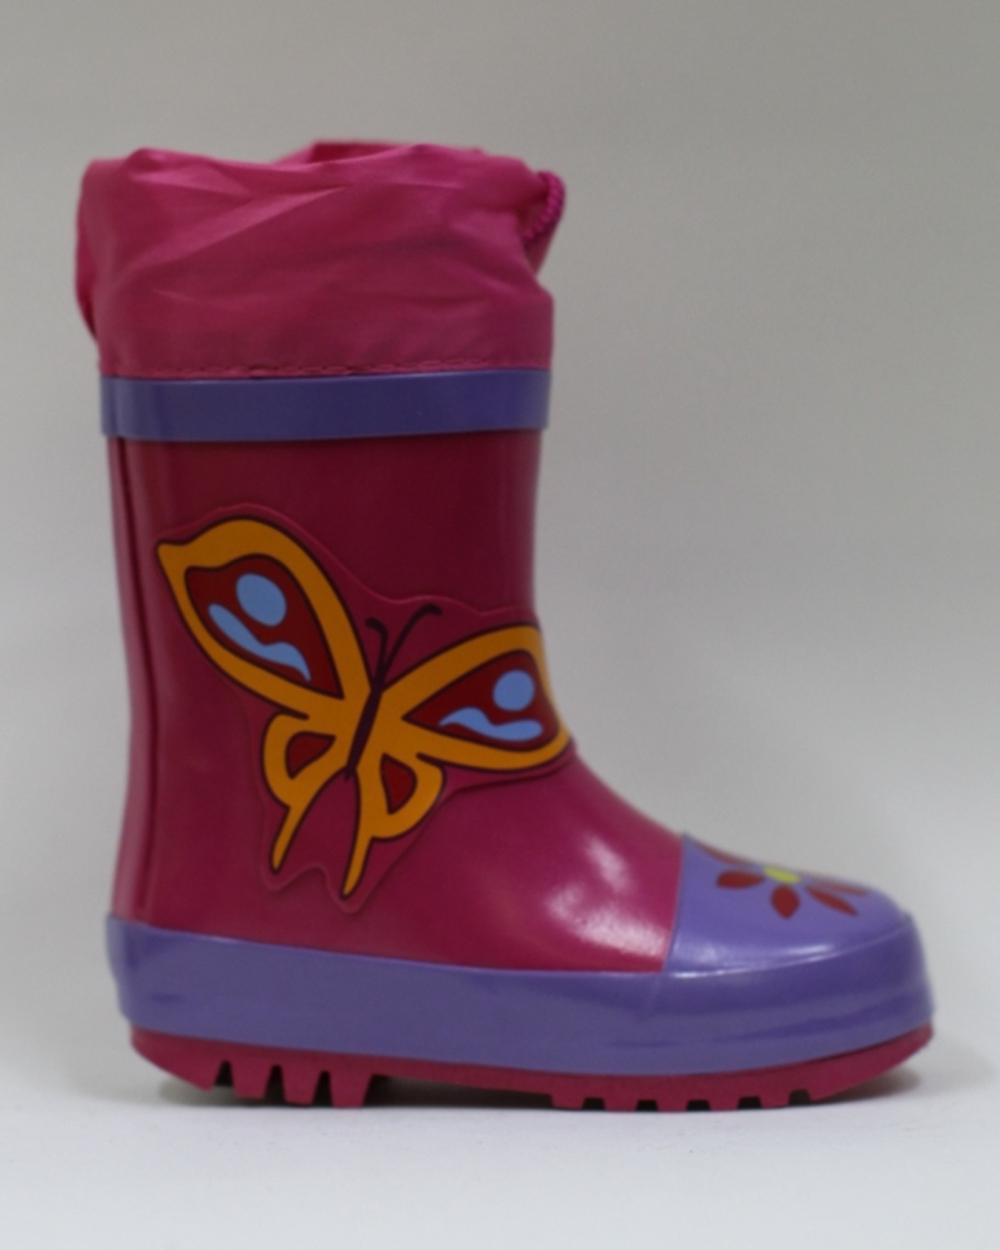 Сапоги детские резиновые ярко-розовые с принтом бабочки&q